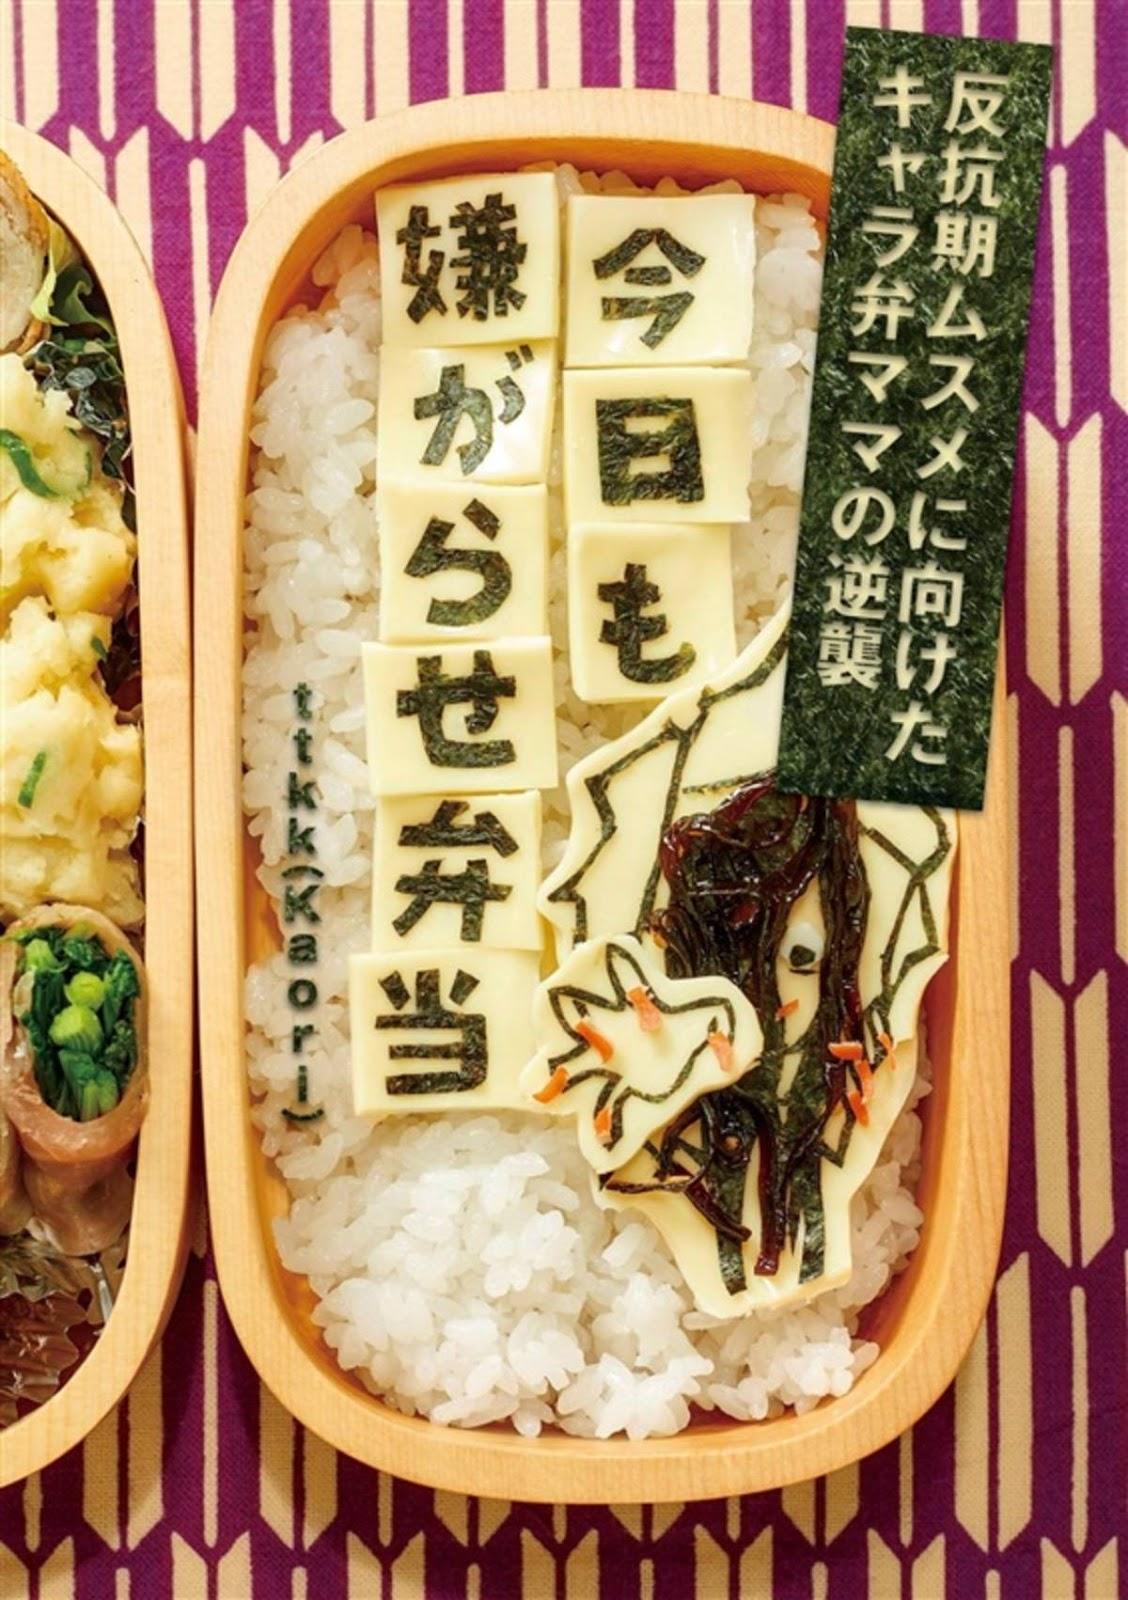 Kyo mo Iyagarase Bento - Ttkk